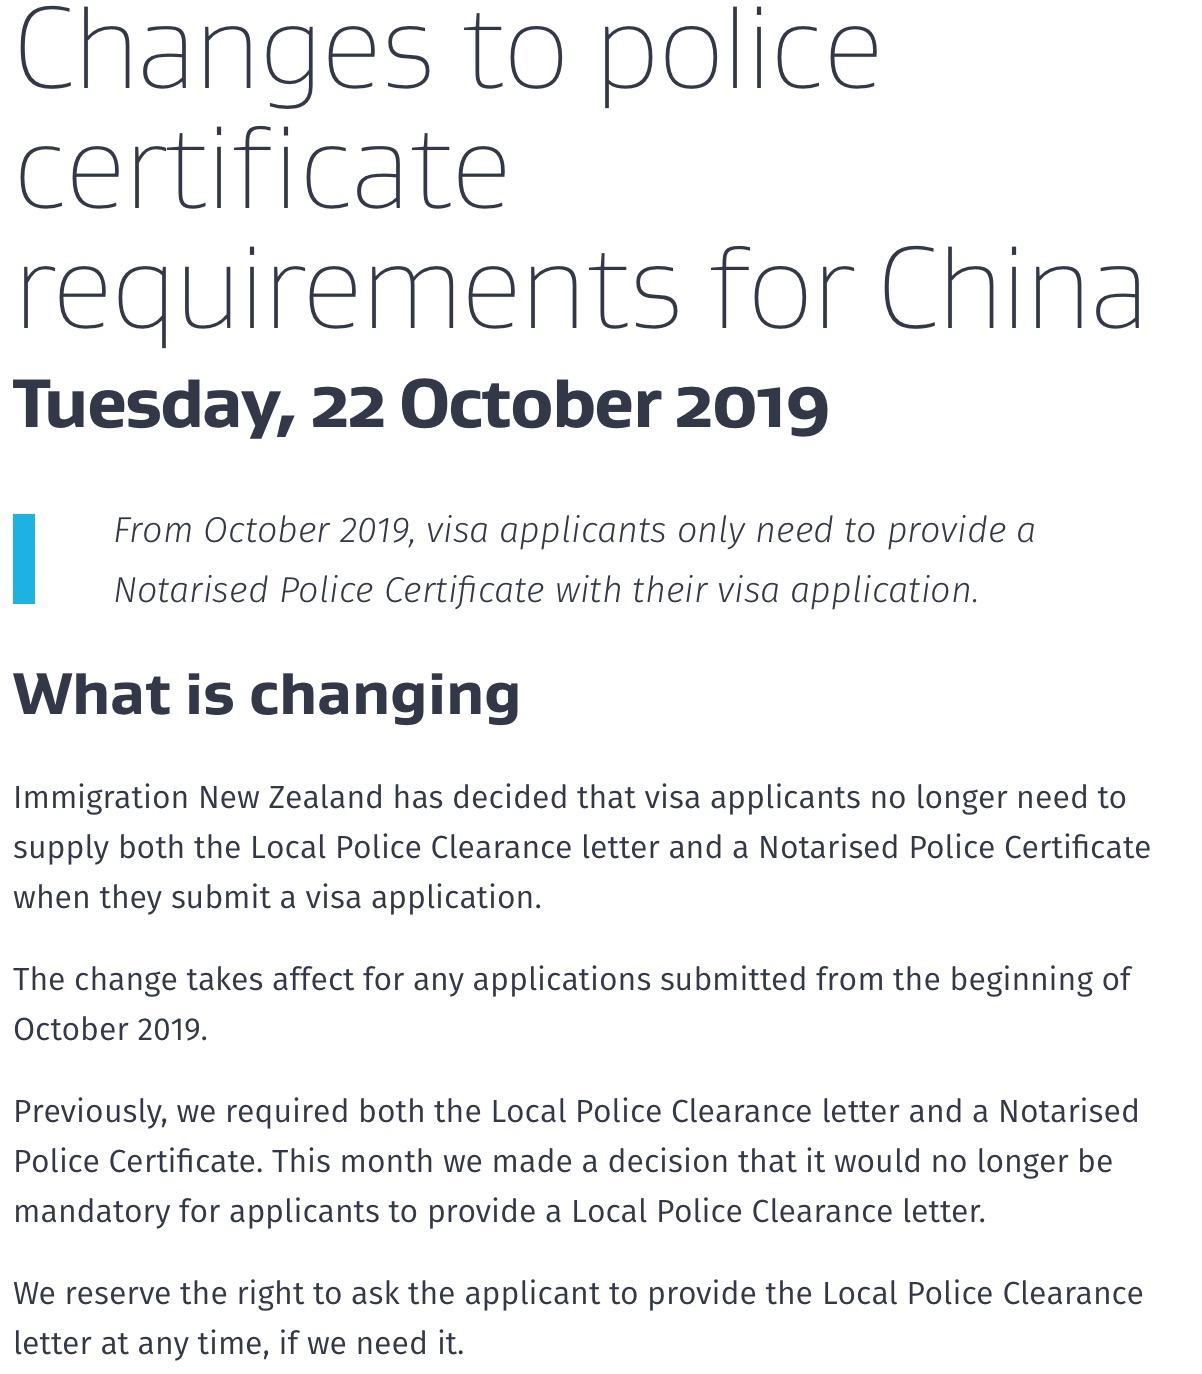 """019年10月起新西兰移民局只需要提供无犯罪公证书即可"""""""